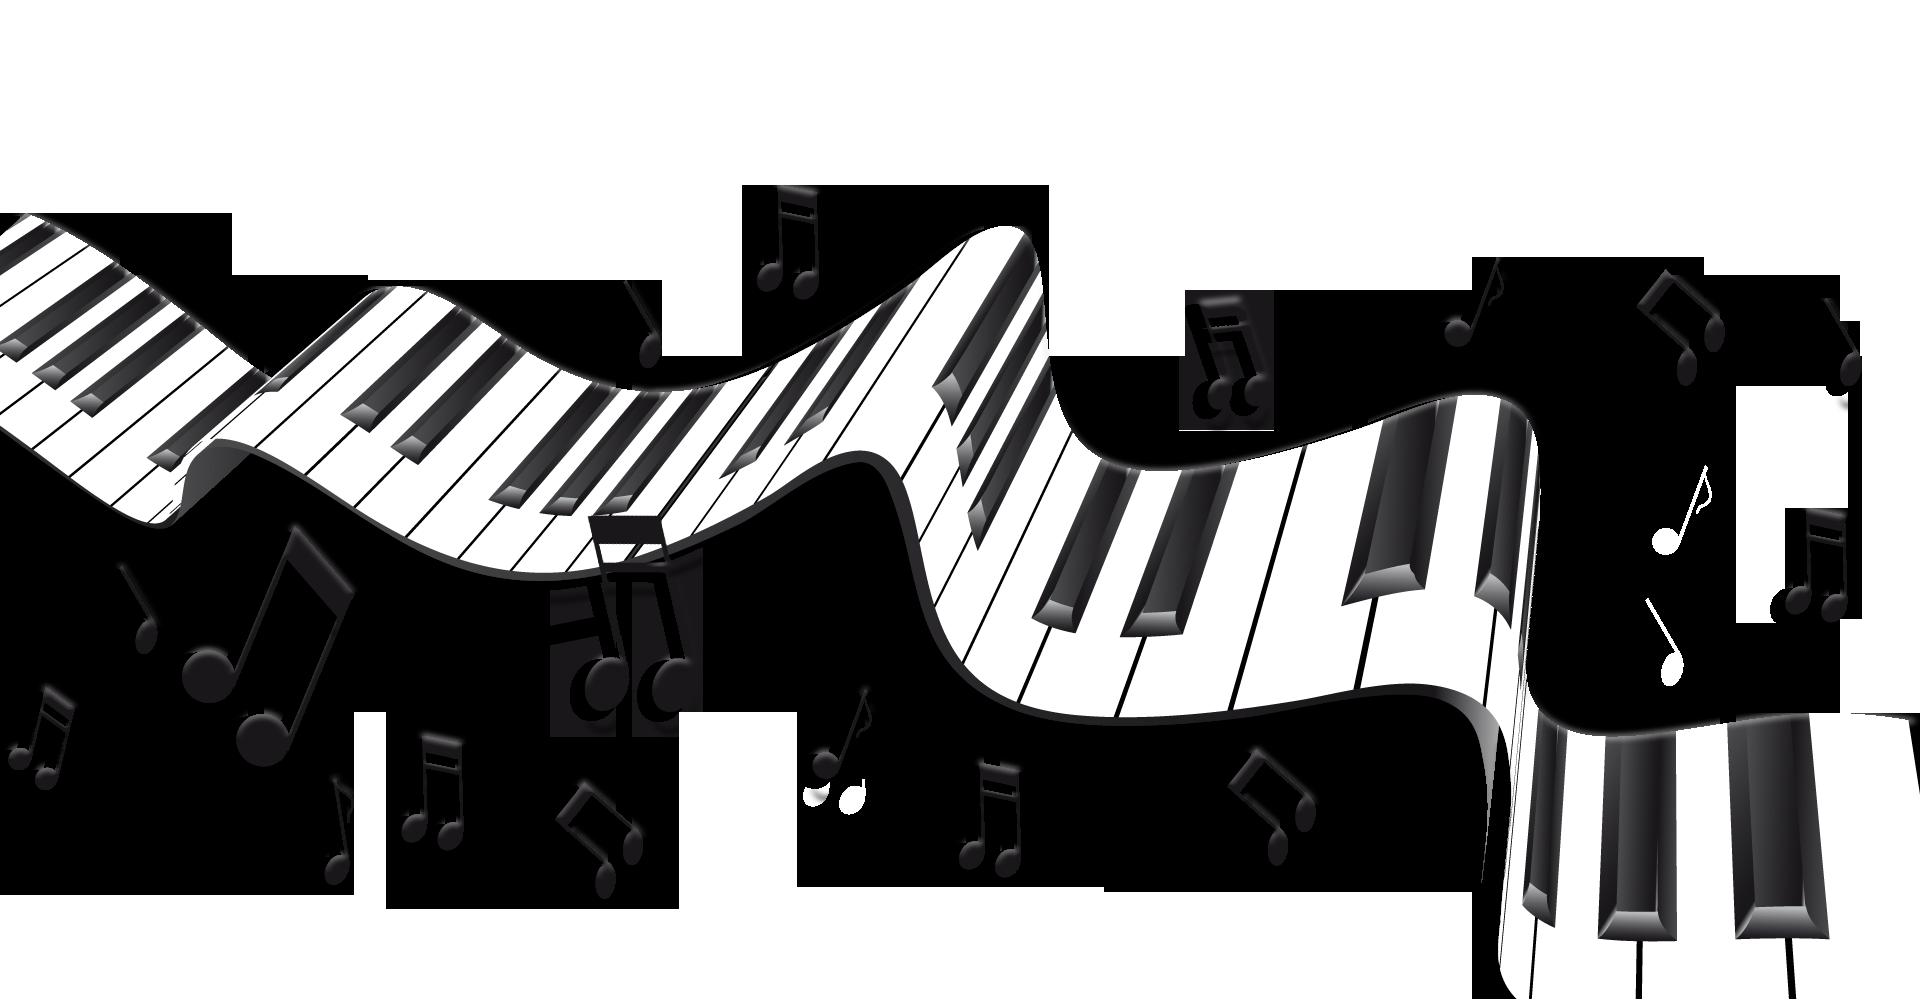 применяют картинка клавиатура фортепиано на прозрачном фоне этот таинственный избранник